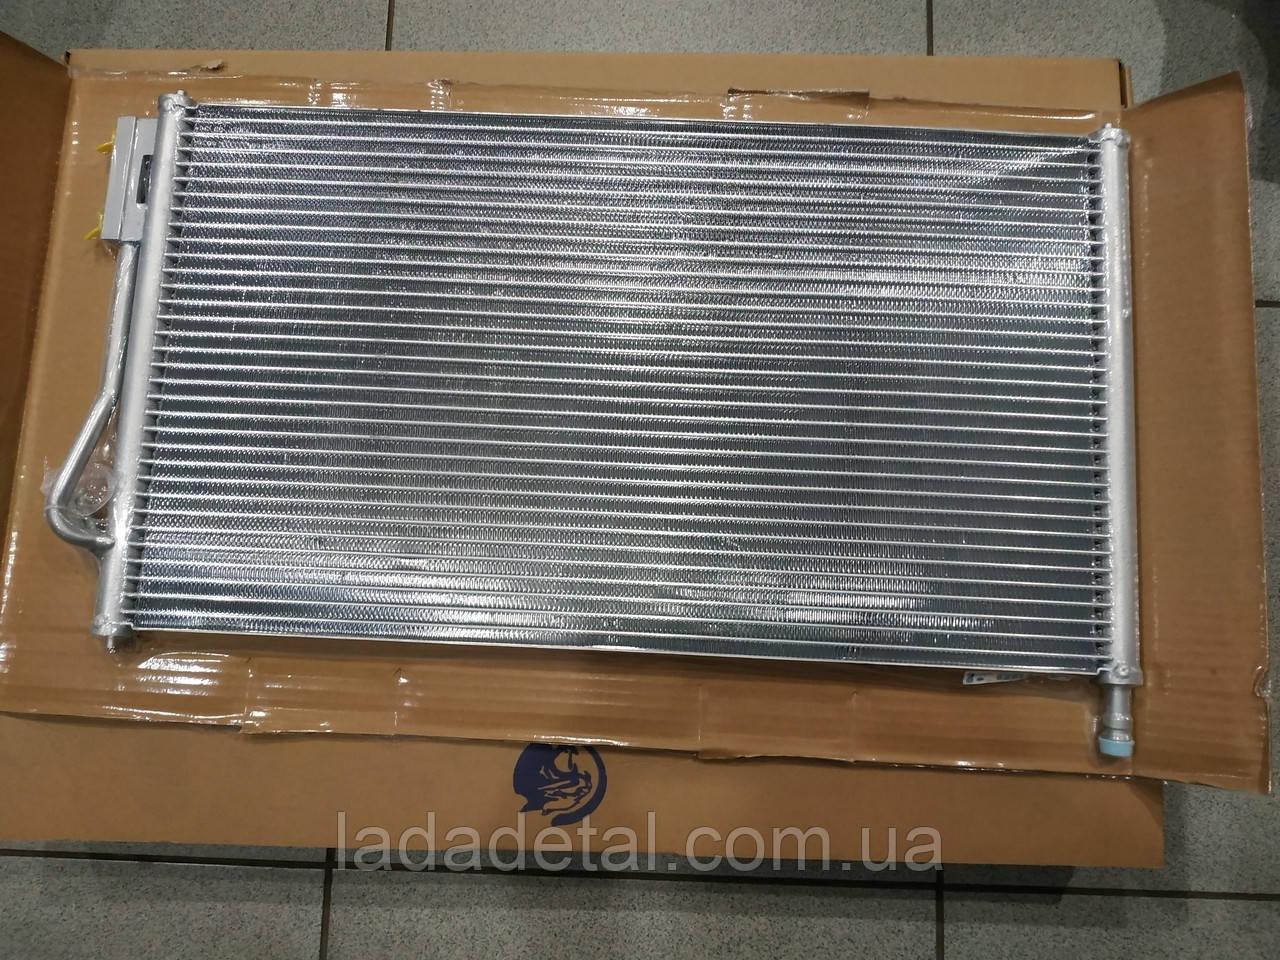 Радиатор кондиционера Форд Фокус 1 Ford Focus 1  (98-) 1.4i / 1.6i / 1.8i / 2.0i 1136949